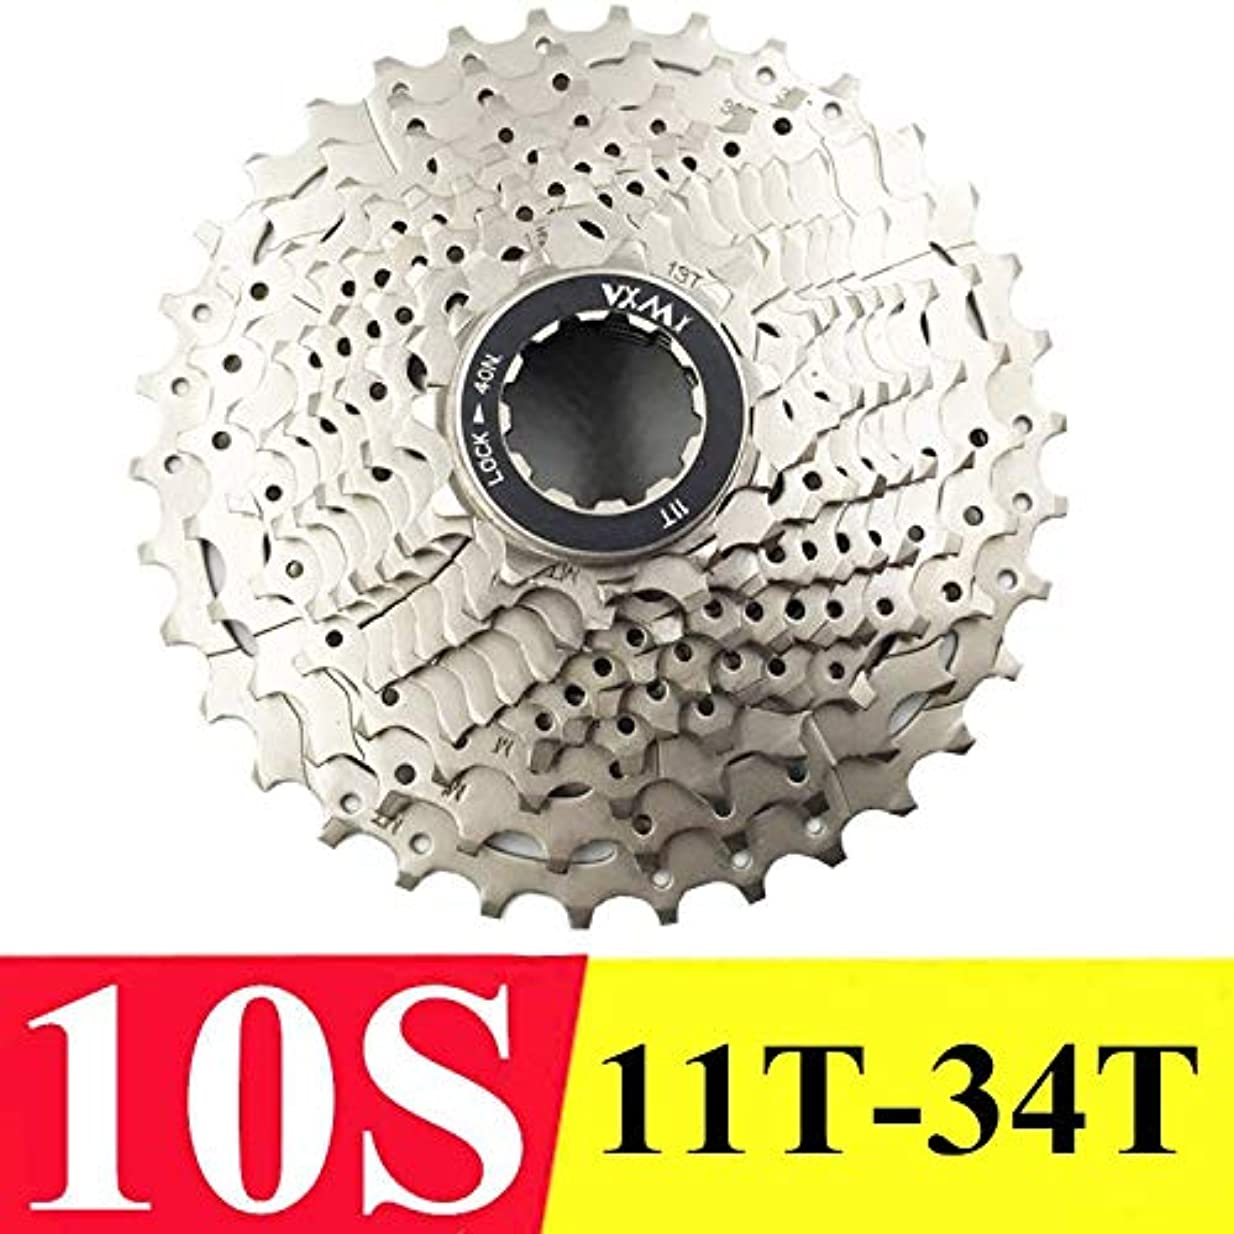 Propenary - 自転車フリーホイールフリーホイールカードタイプフライホイール10スピード11-32T / 34T / 36T / 40T / 42T / 46Tカセットフリーホイール自転車部品[10S 34Tシルバー]